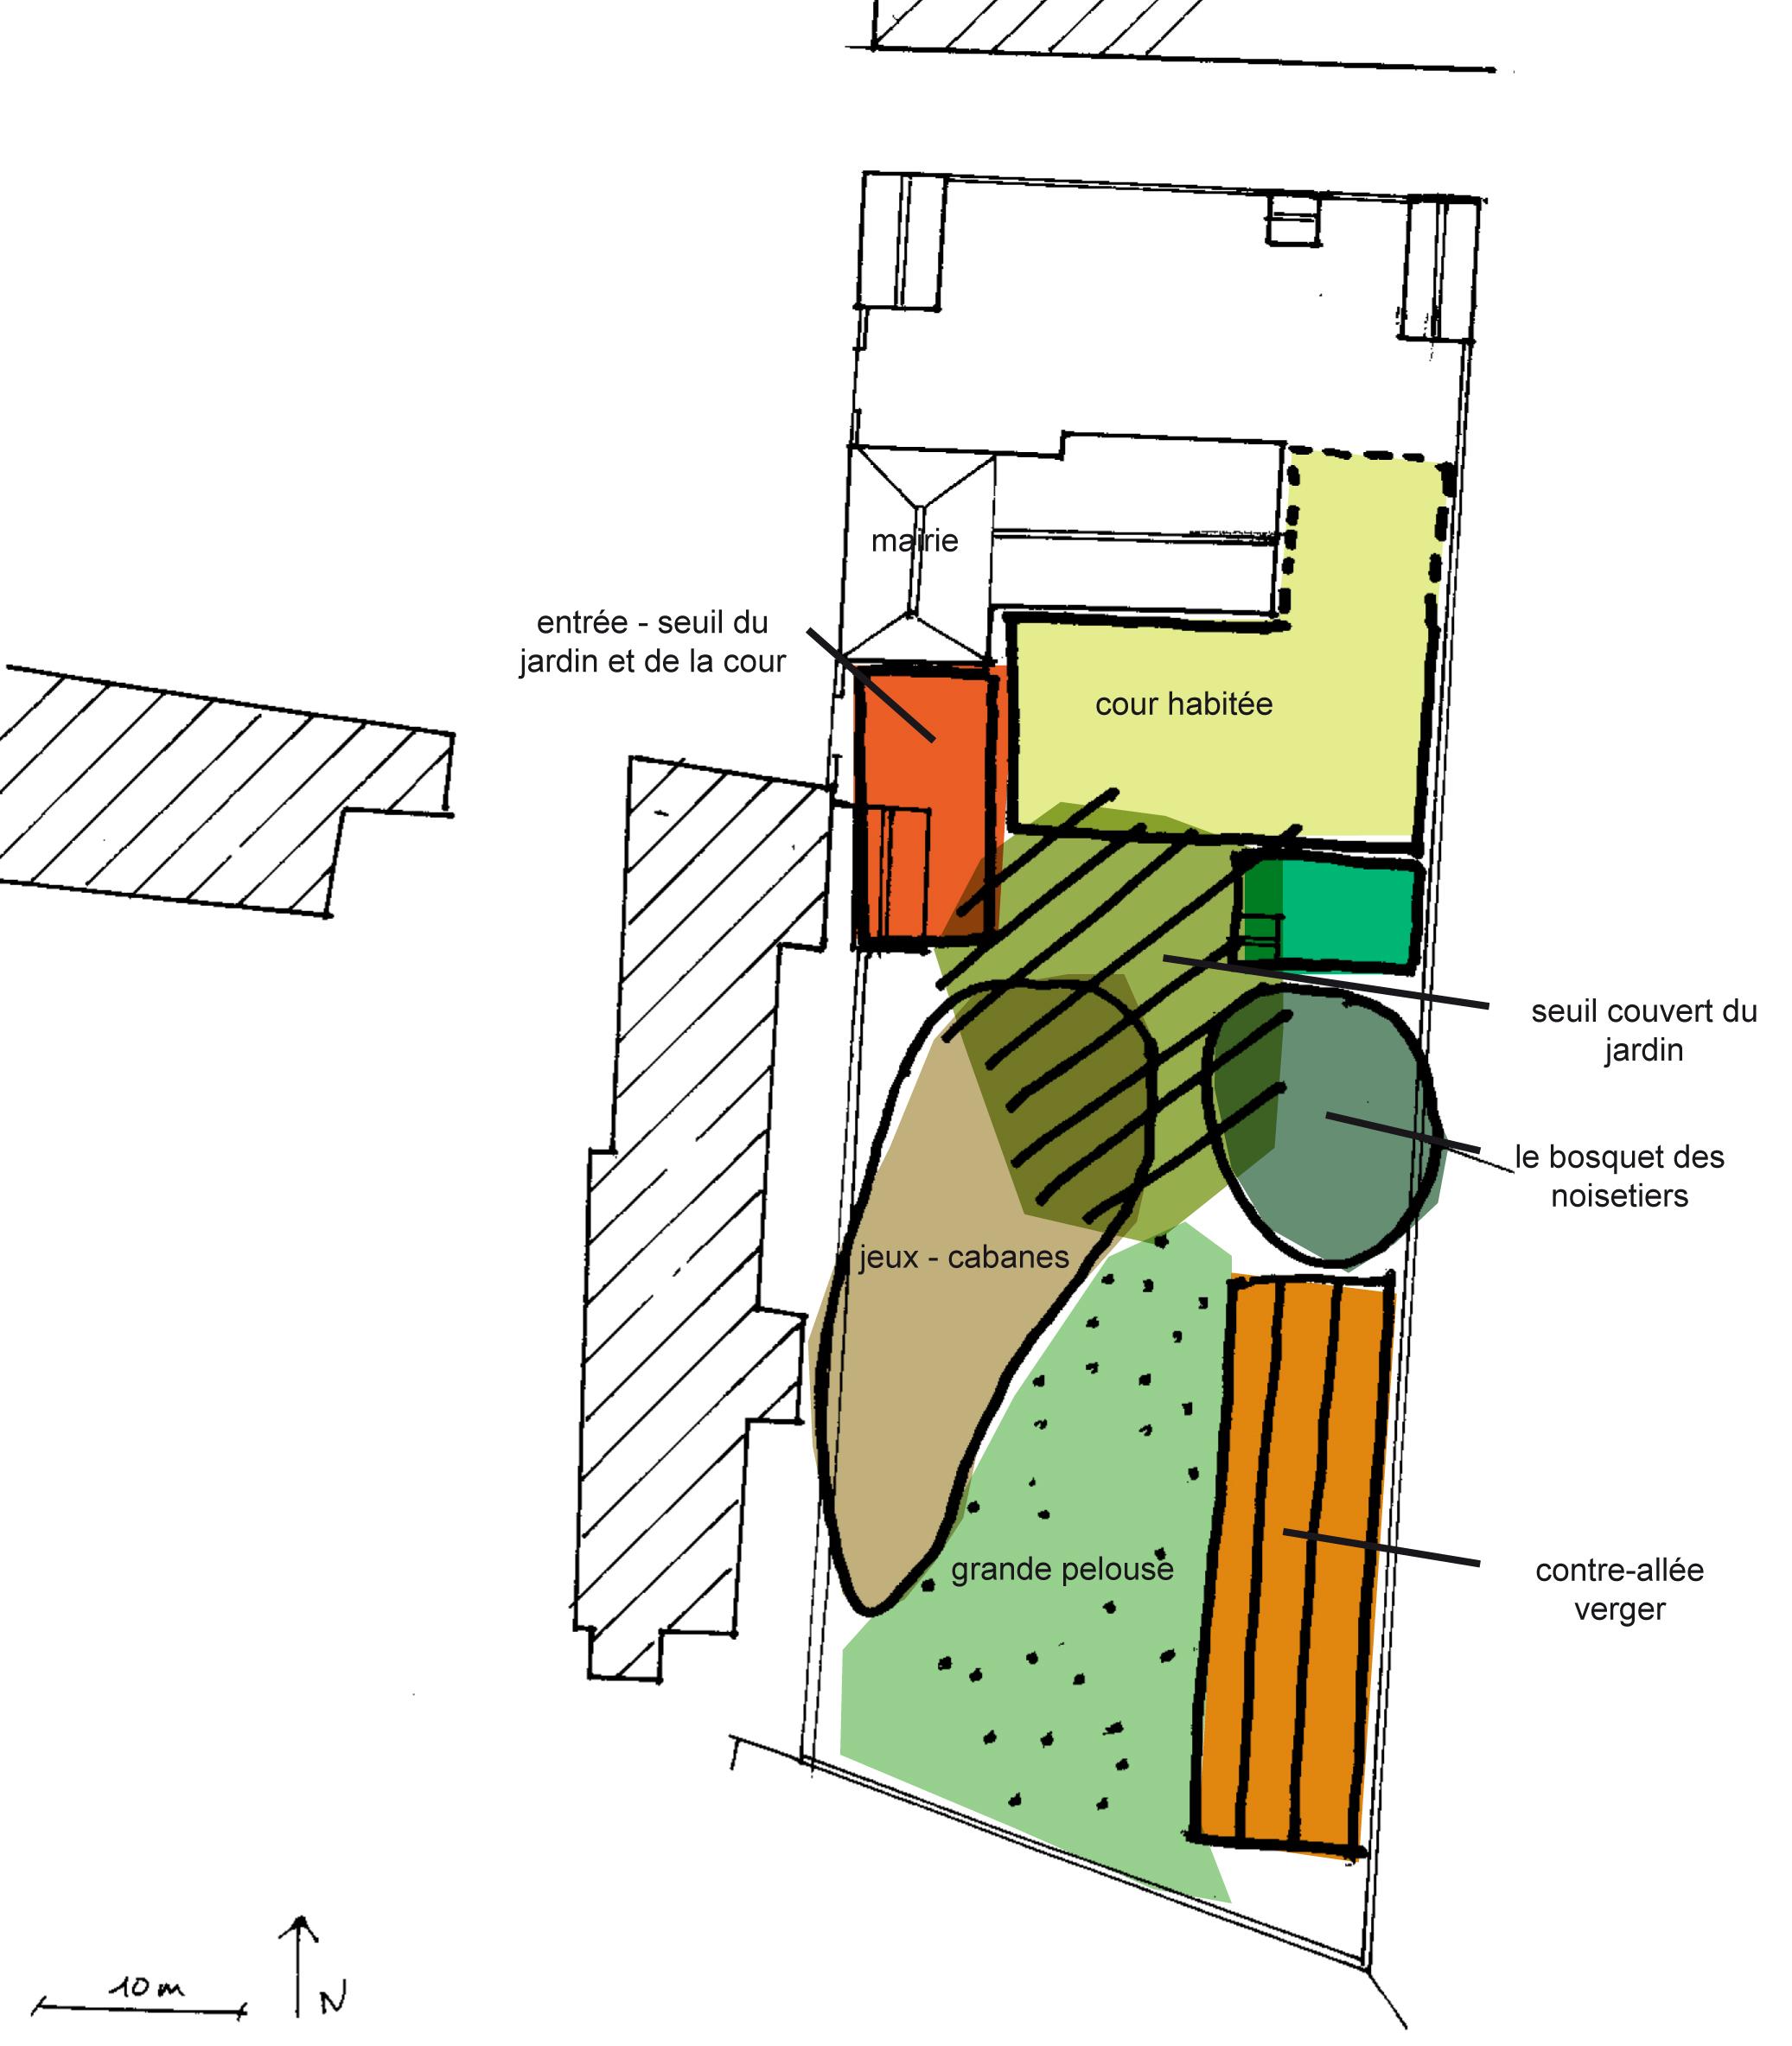 Omnibus | Poupry, nouveau jardin public à l'école